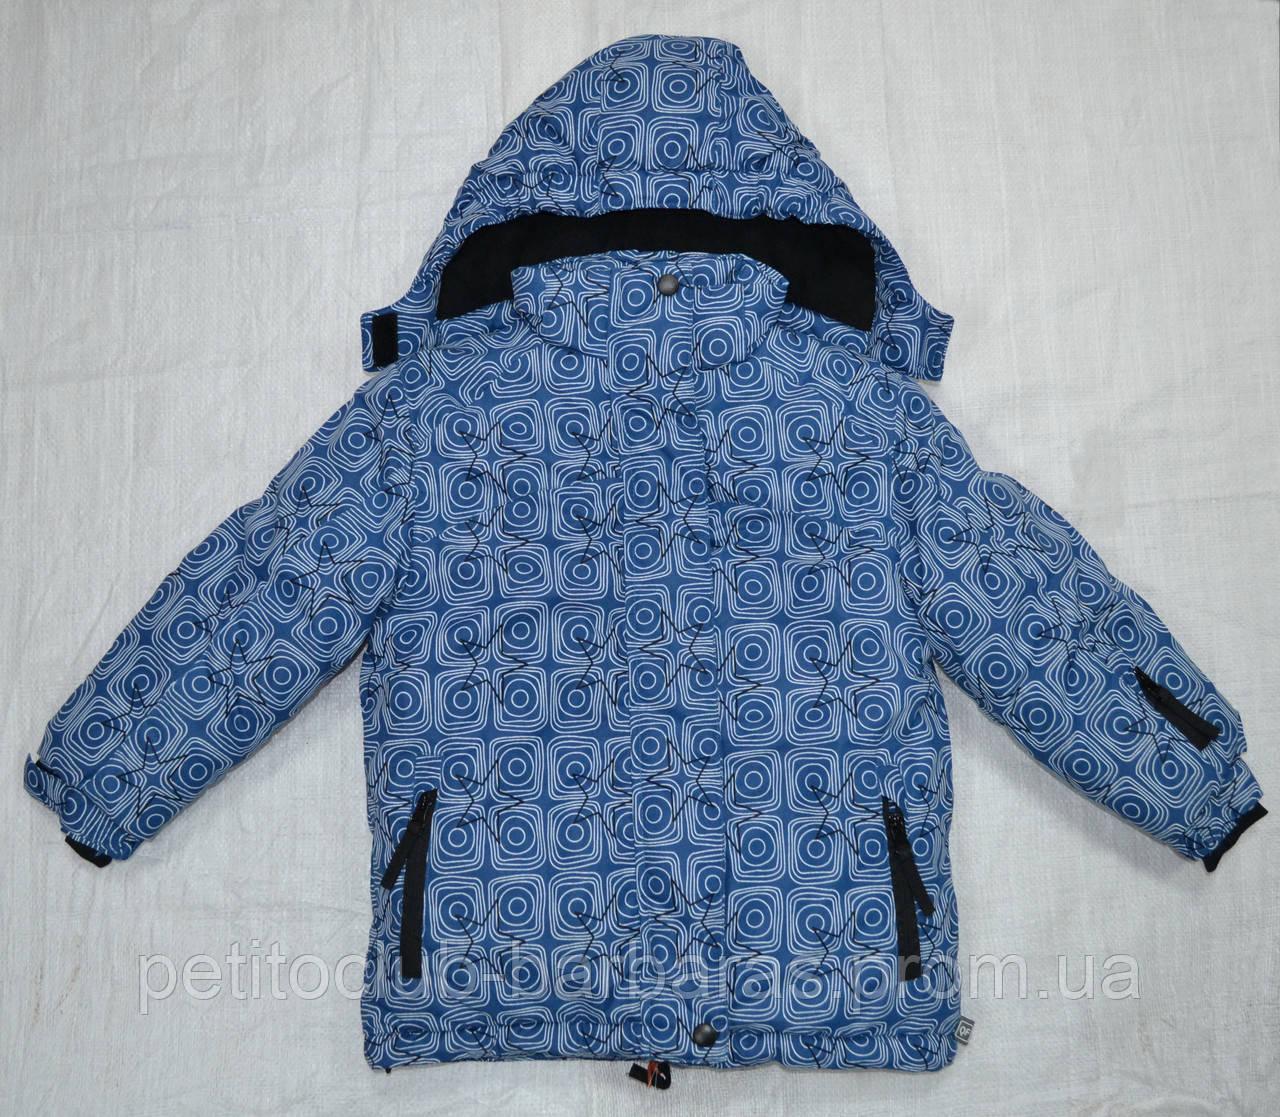 Куртка зимняя для девочки синяя (Quadrifoglio, Польша)